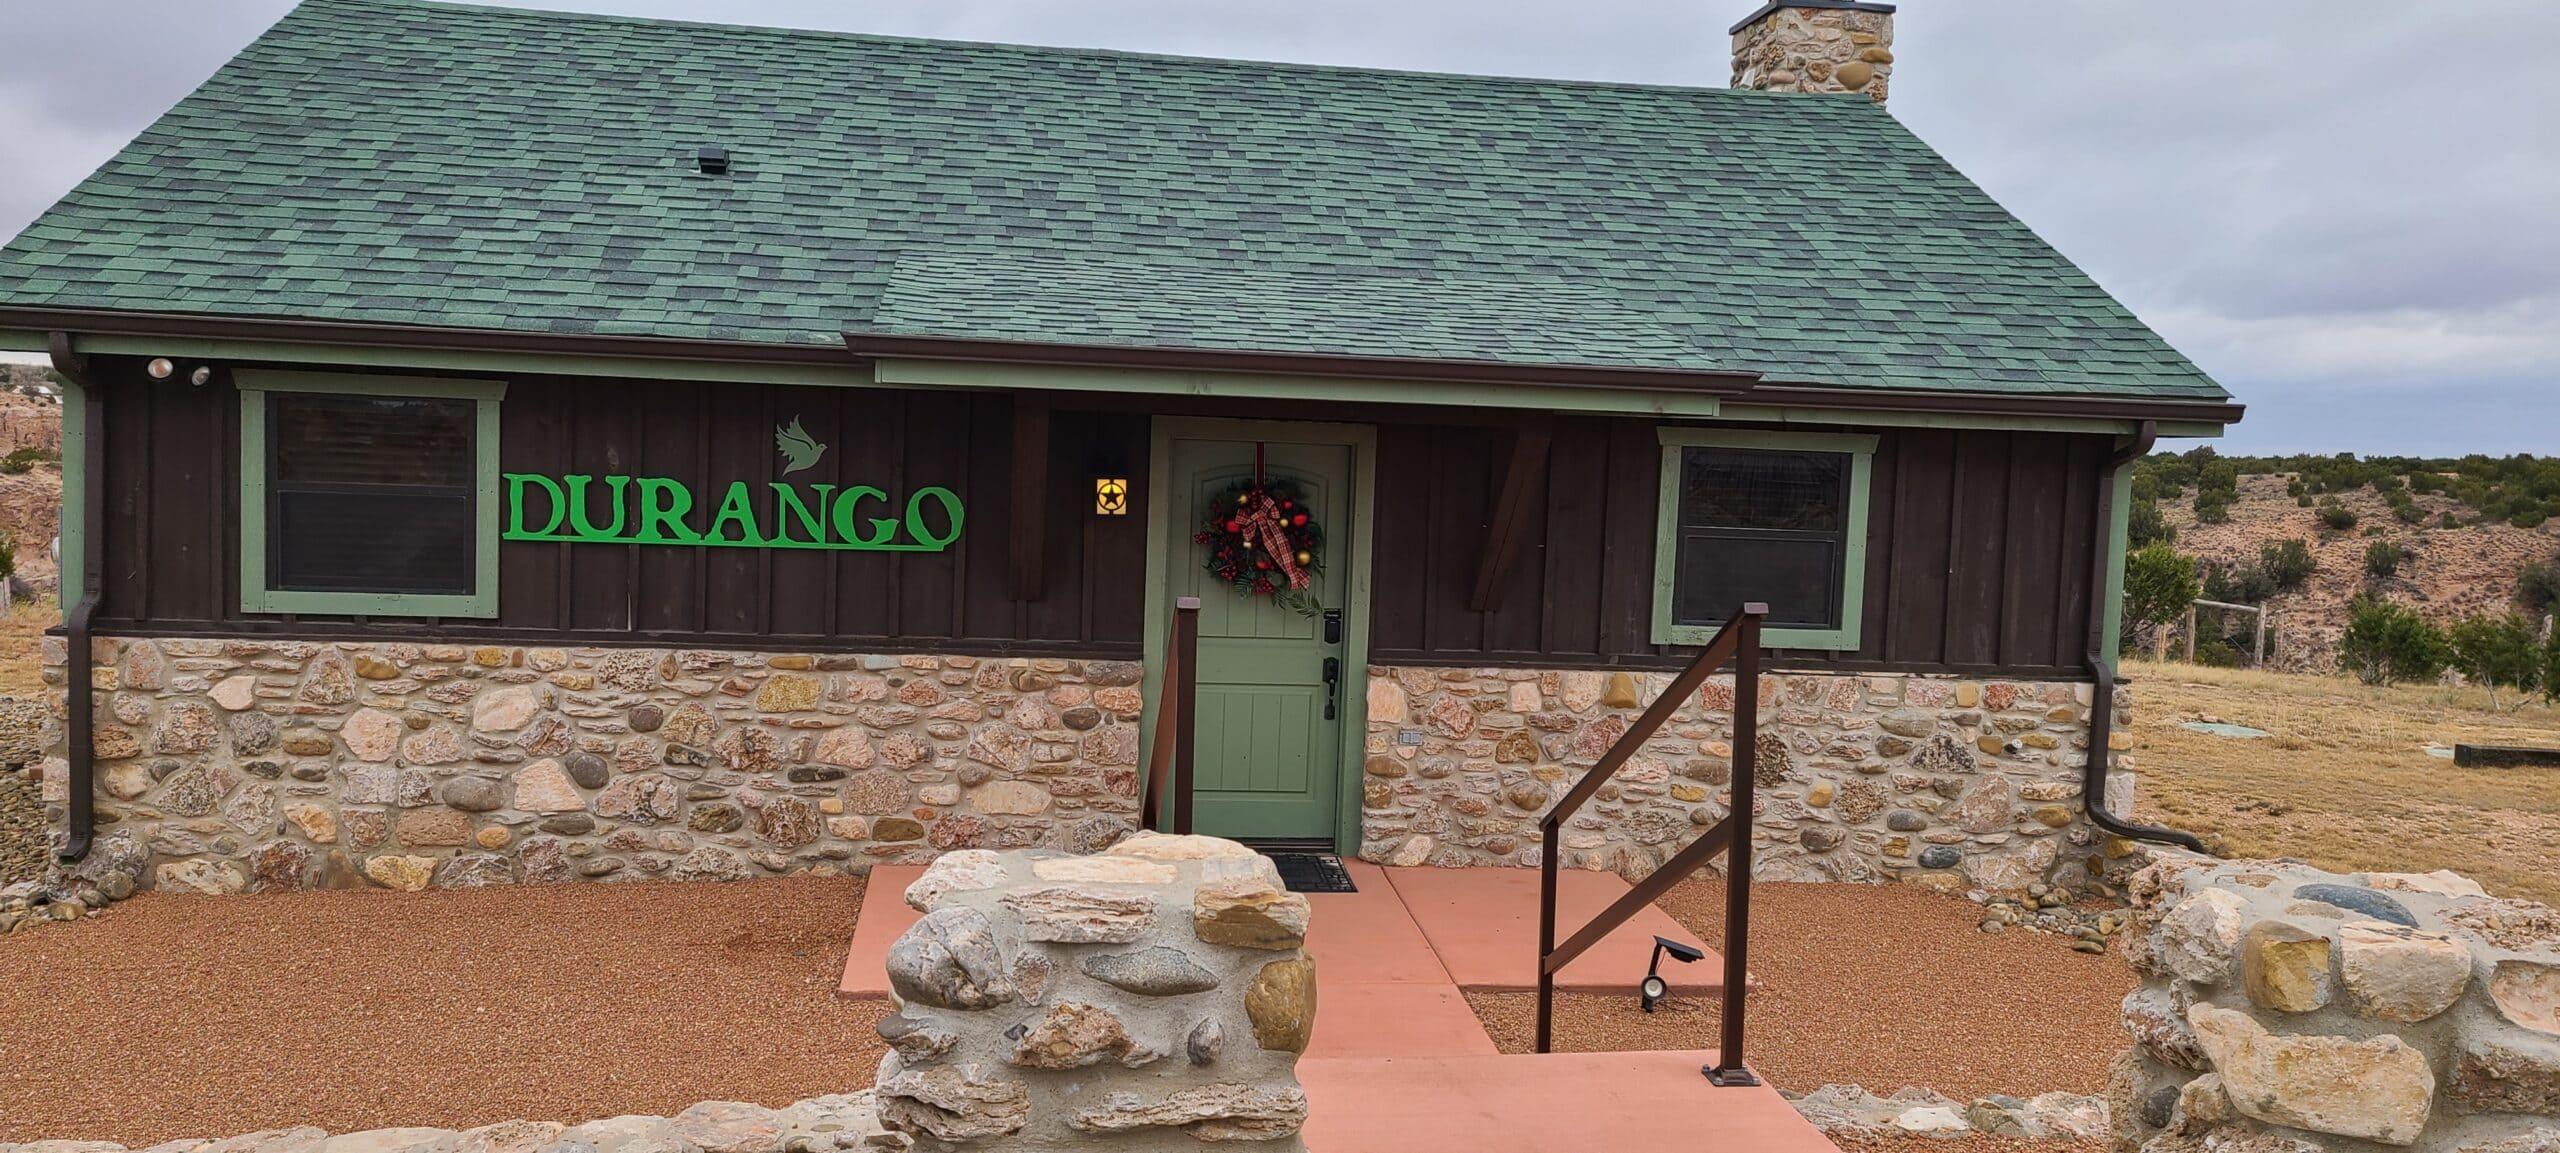 Durango cabin